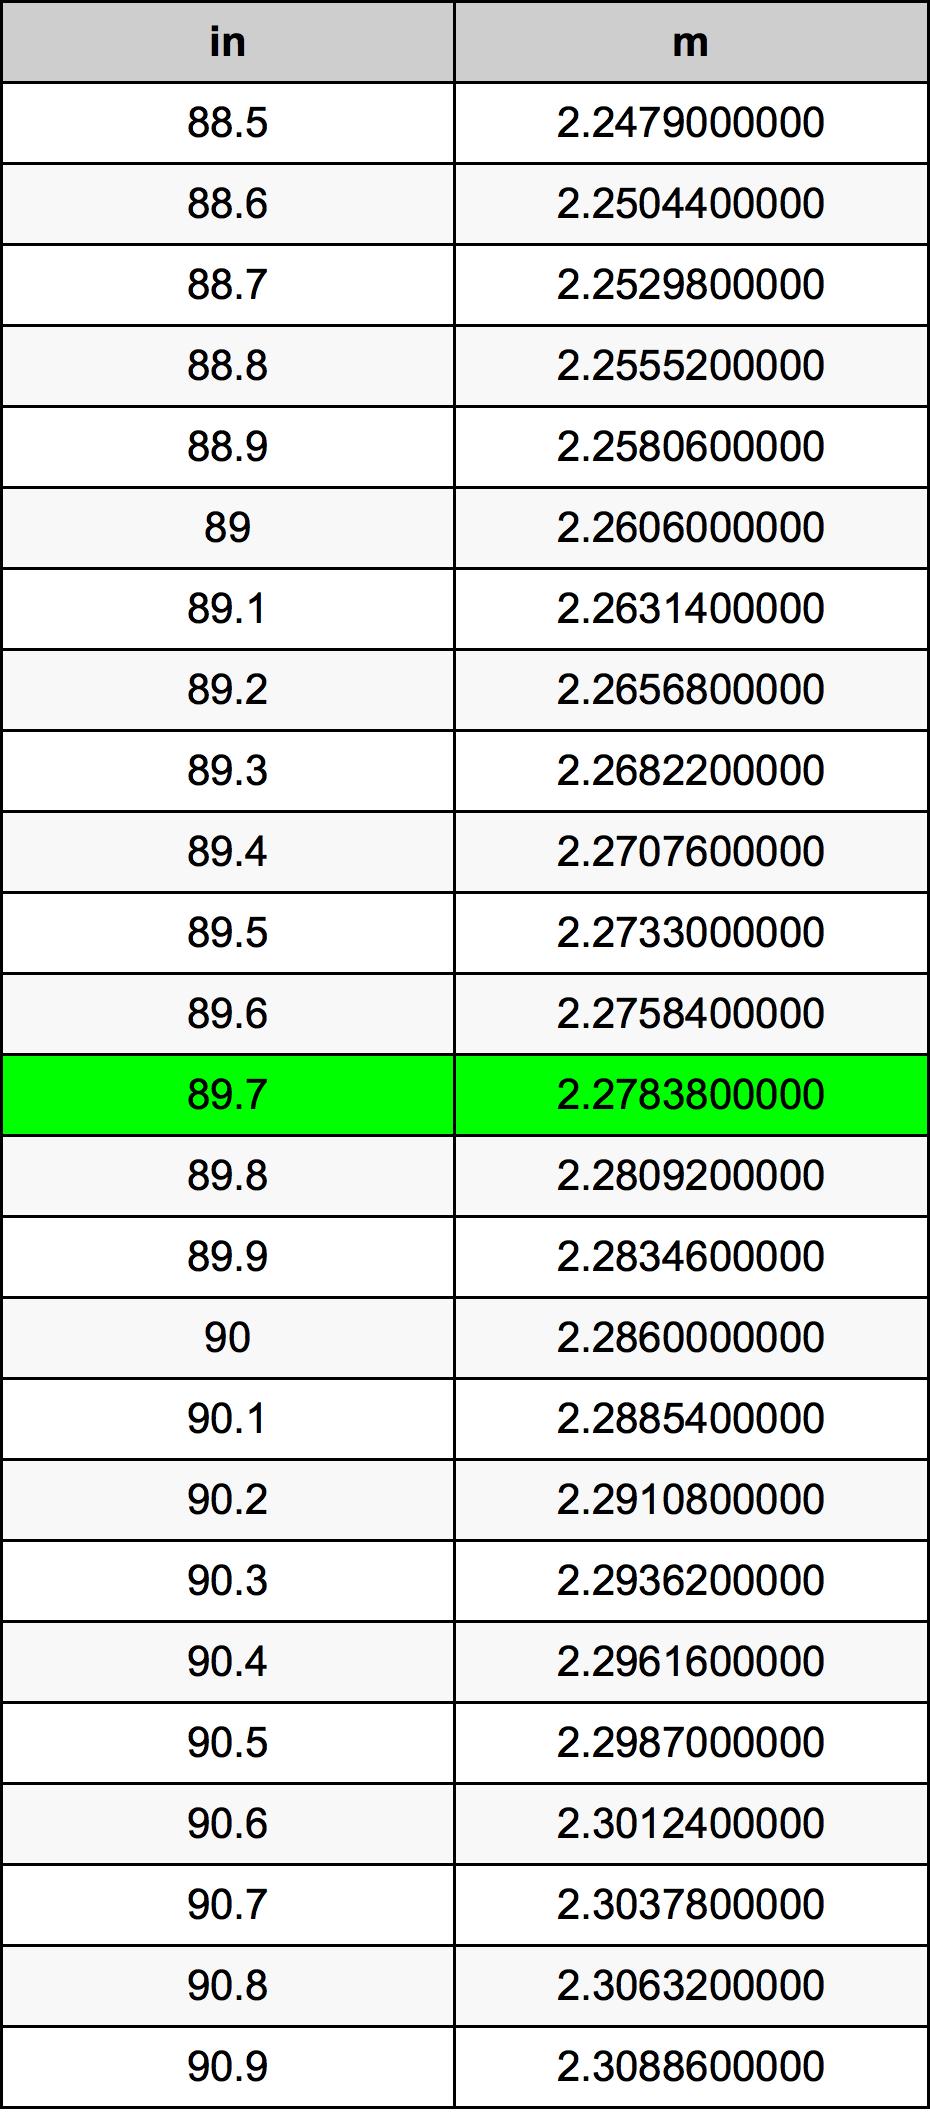 89.7 인치 변환 표